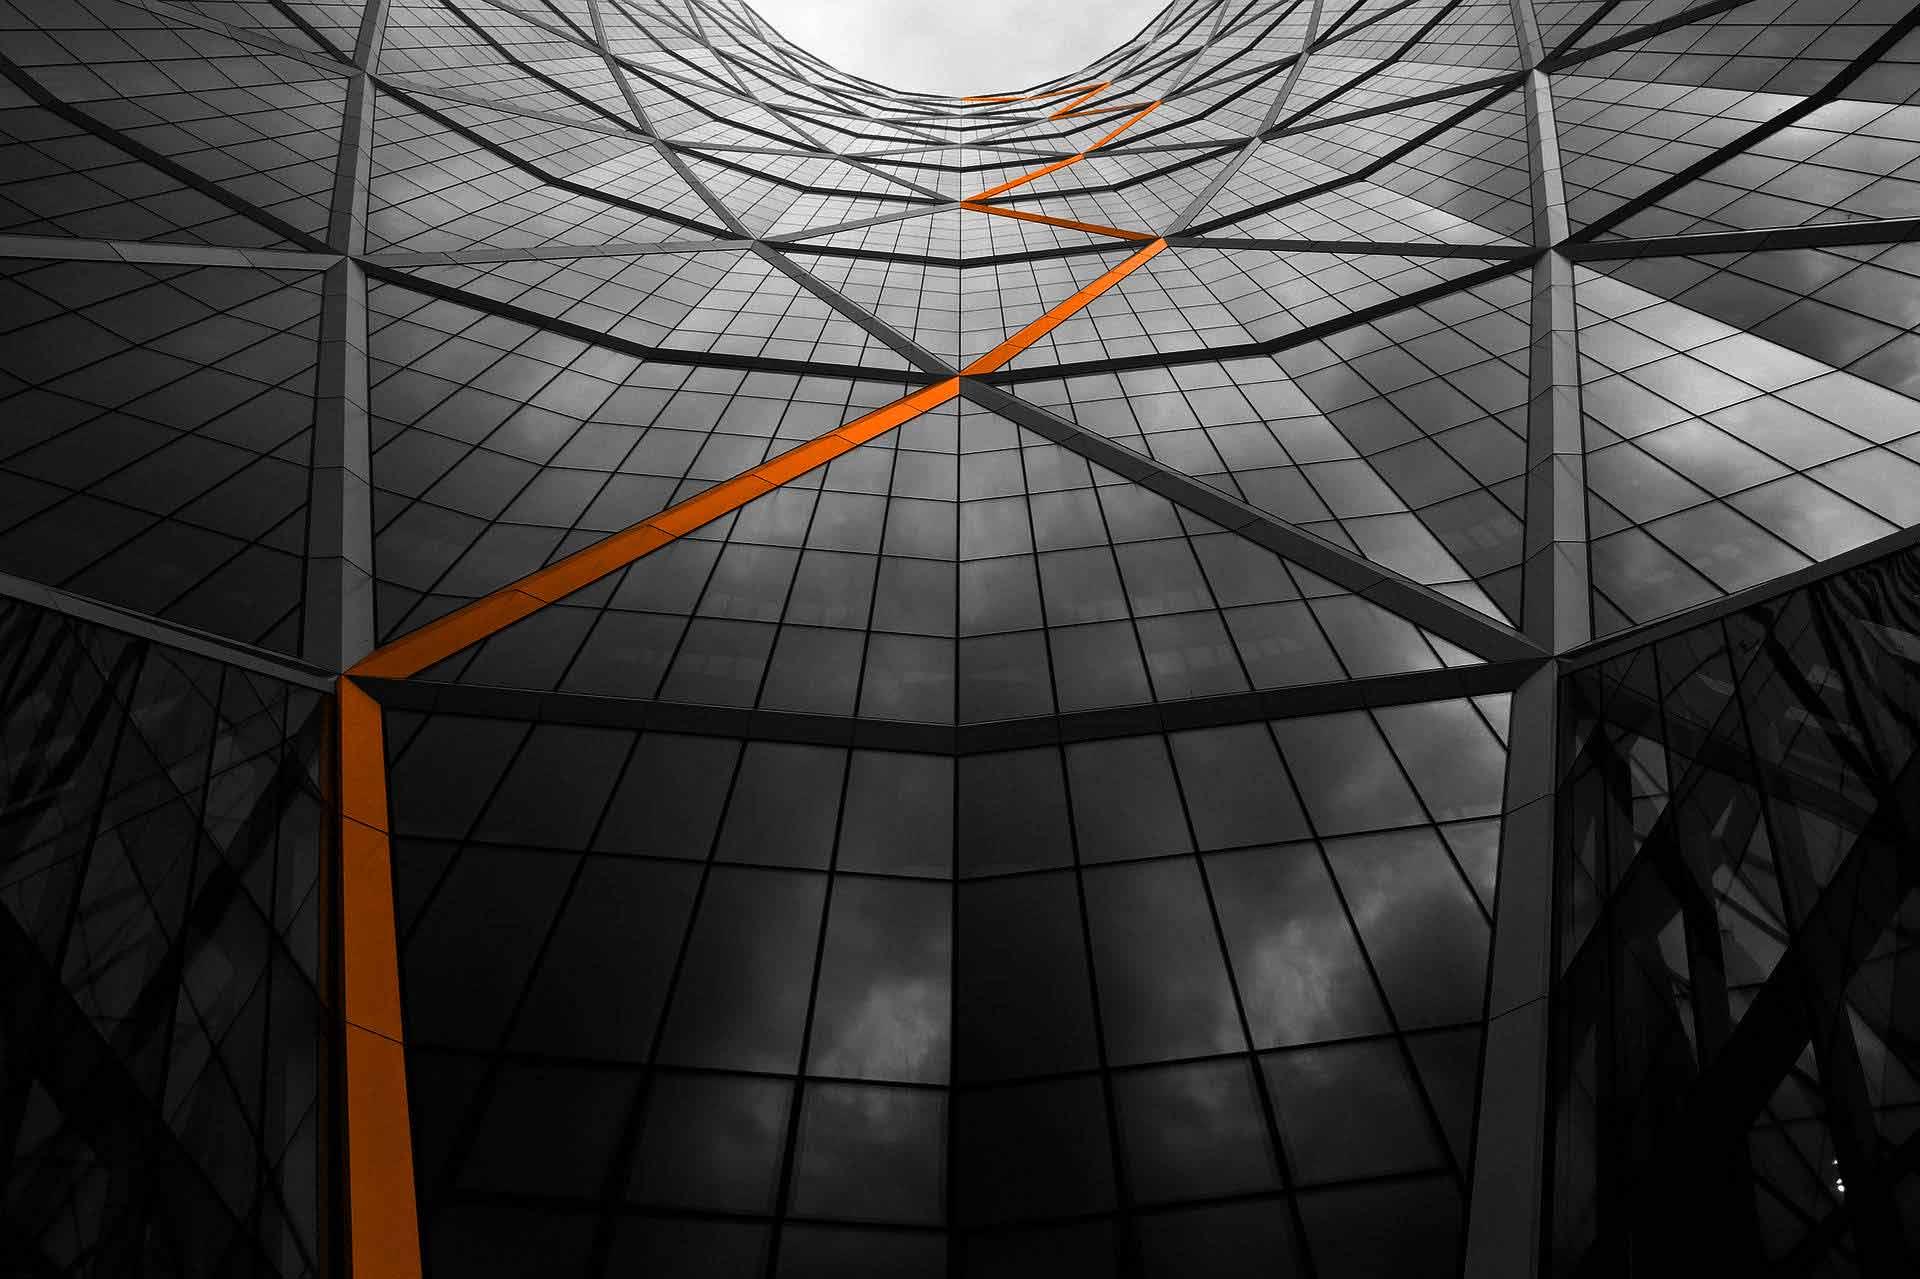 vetrata-linea-arancione-servizi-mercomm-agenzia-comunicazione